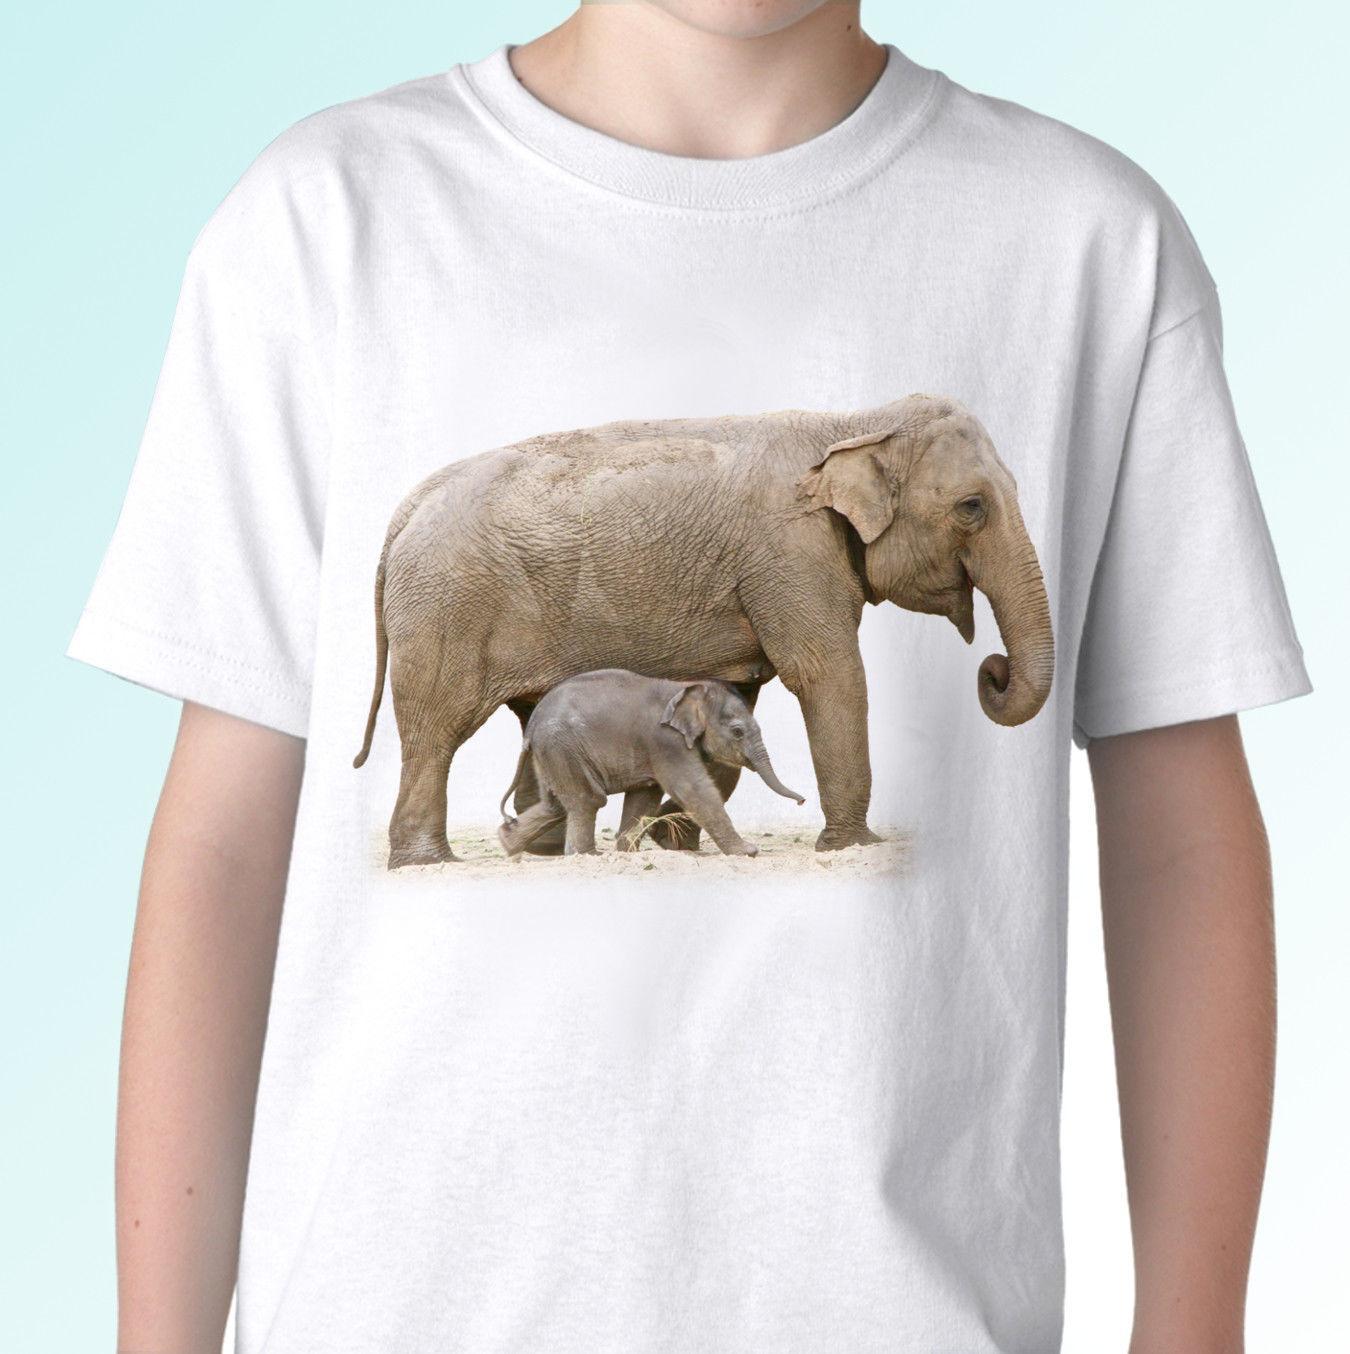 5d1535daf77edf Elephants White T Shirt Animal Tee Top Design Mens Womens Cool Casual Pride T  Shirt Men Unisex New Fashion Tshirt Loose Funny Print Shirts White T Shirt  ...